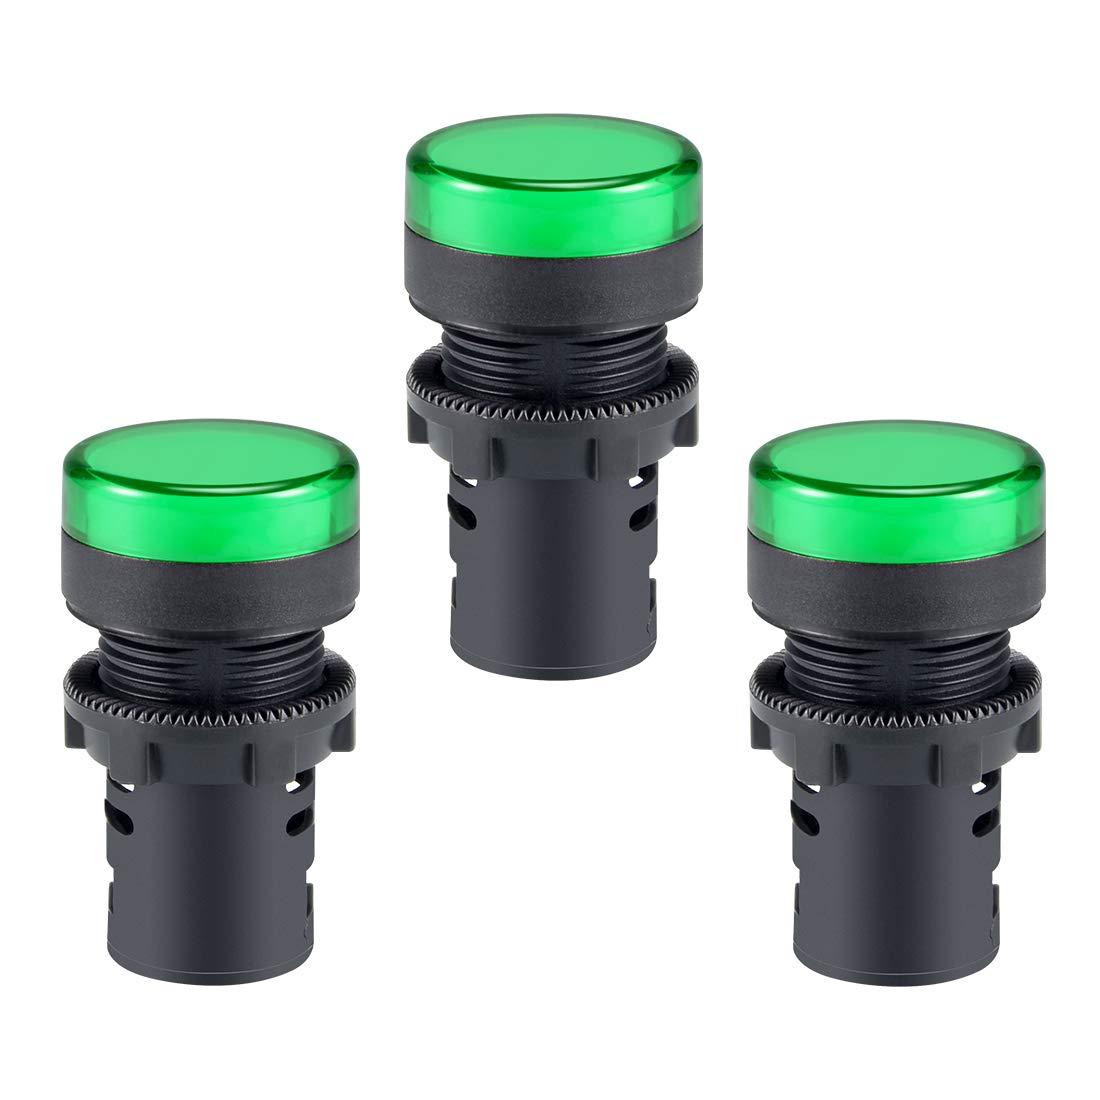 sourcing map feux signalisation AC 220V LED verte Mont/é panneau encastr/é 7//8 22mm 2pcs